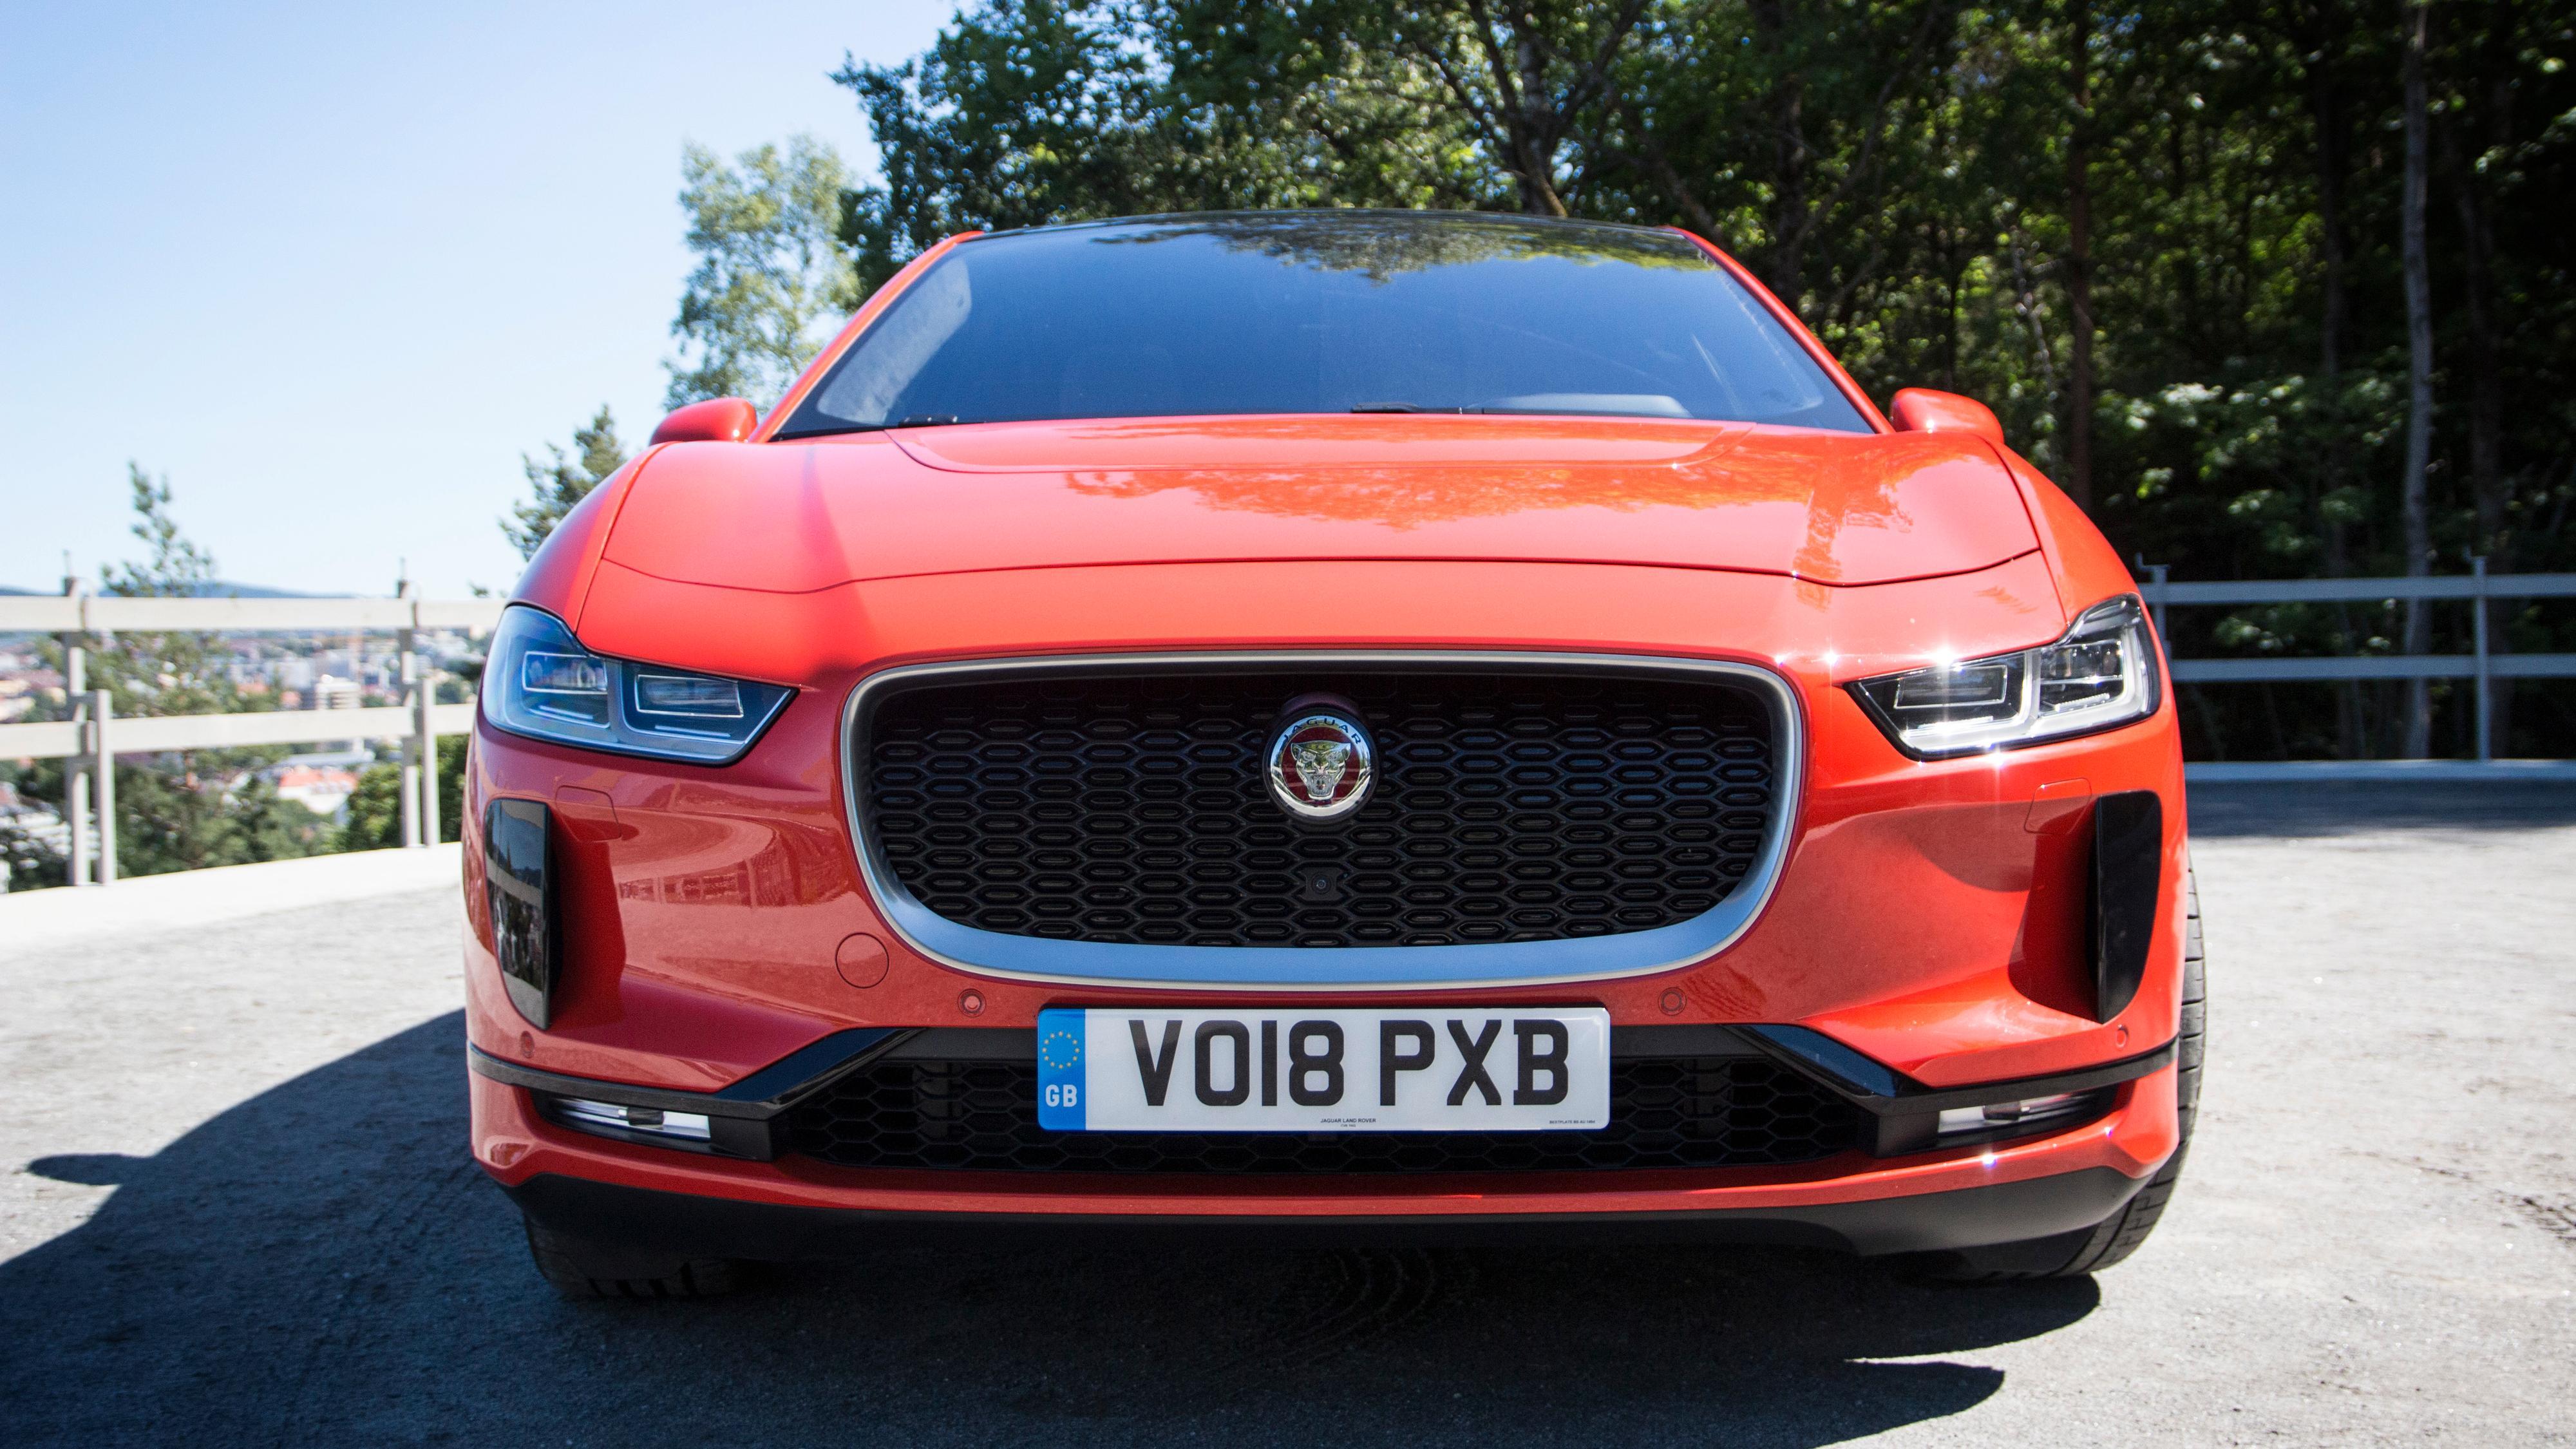 Hør «motorlyden» Jaguar i-Pace spiller fra høyttalerne mens den kjører